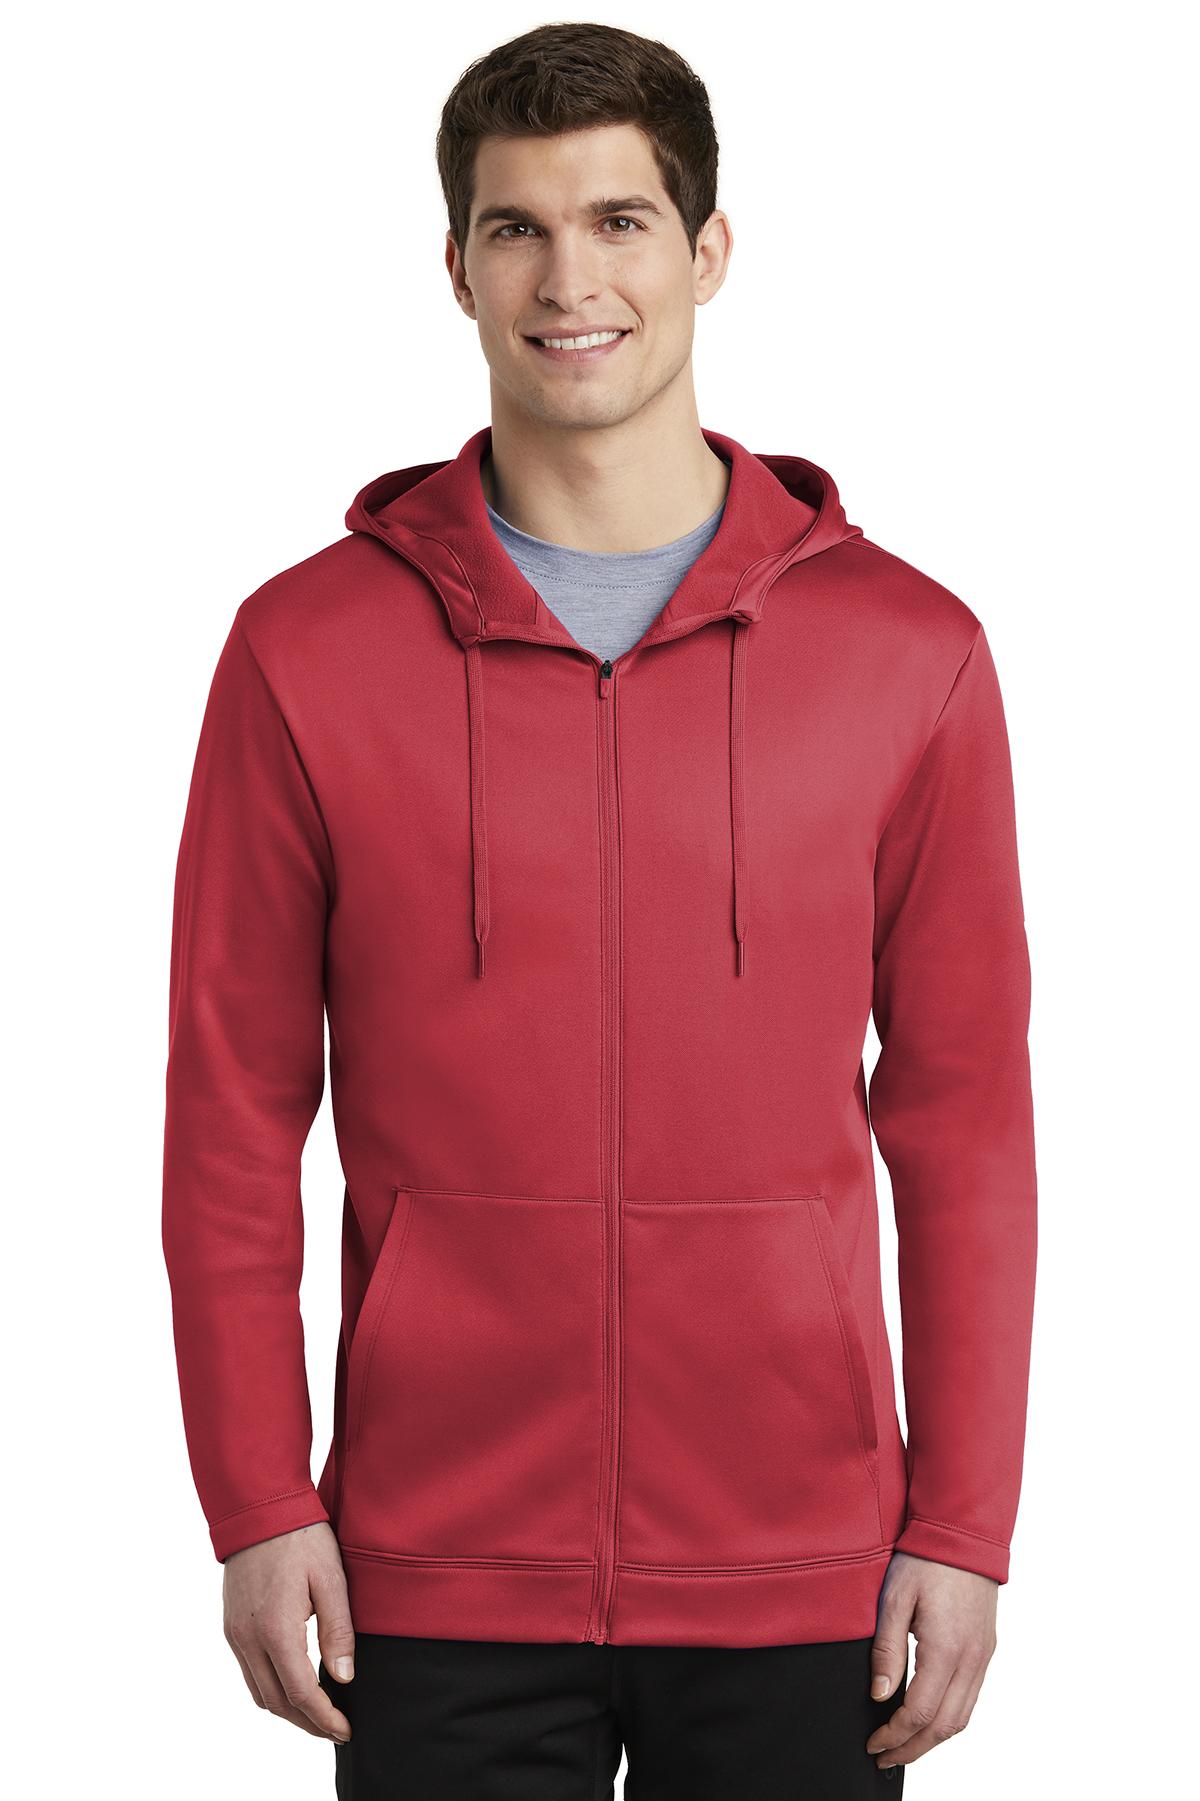 28c054b6 Nike Therma-FIT Full-Zip Fleece Hoodie | Sweatshirts/Fleece | SanMar